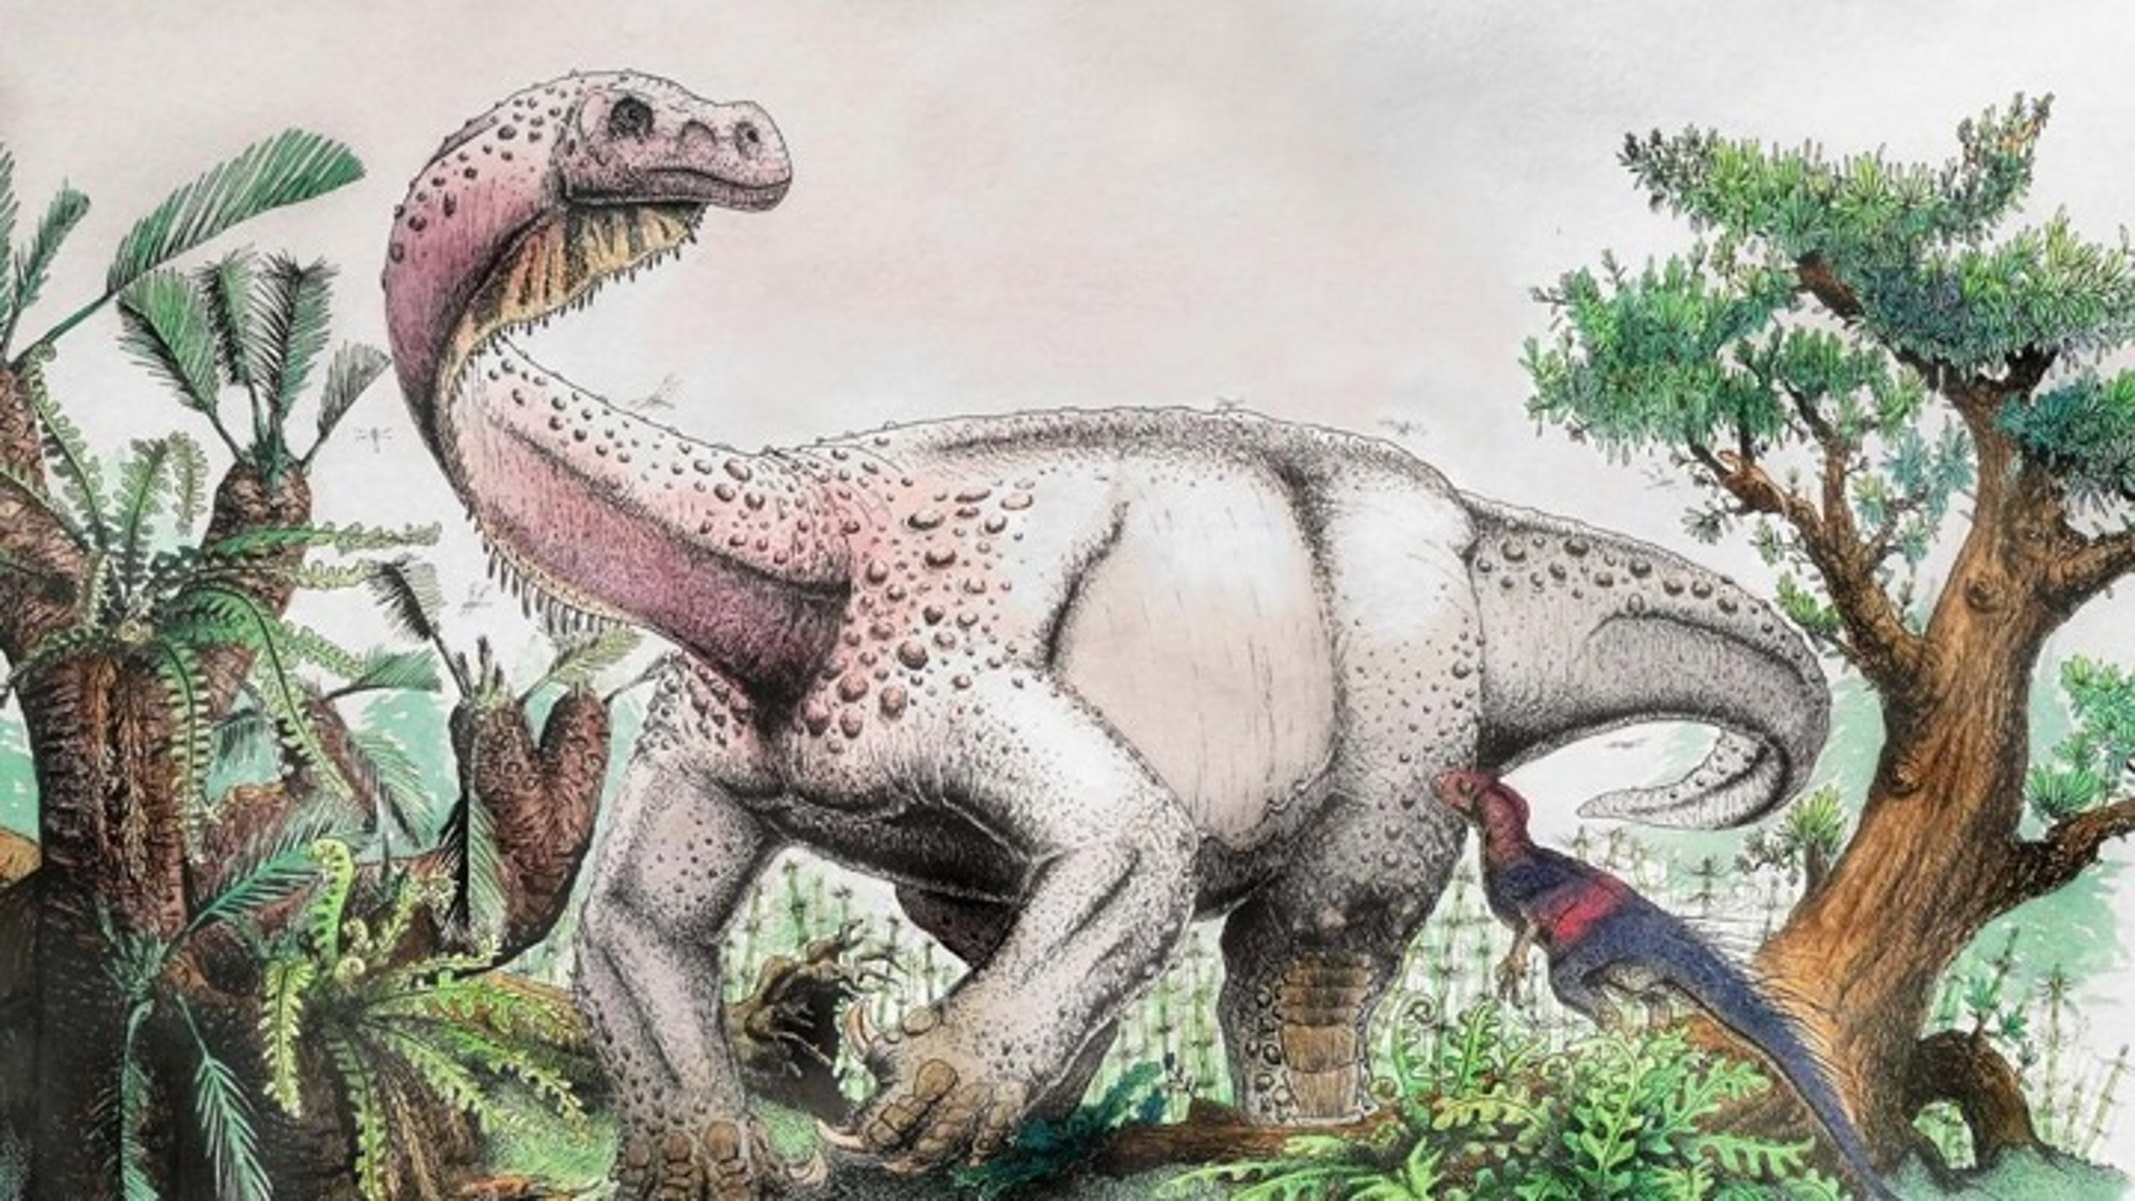 Έρευνα: Κάθε περίπου 27 εκατ. χρόνια συμβαίνουν μαζικές εξαφανίσεις ζώων